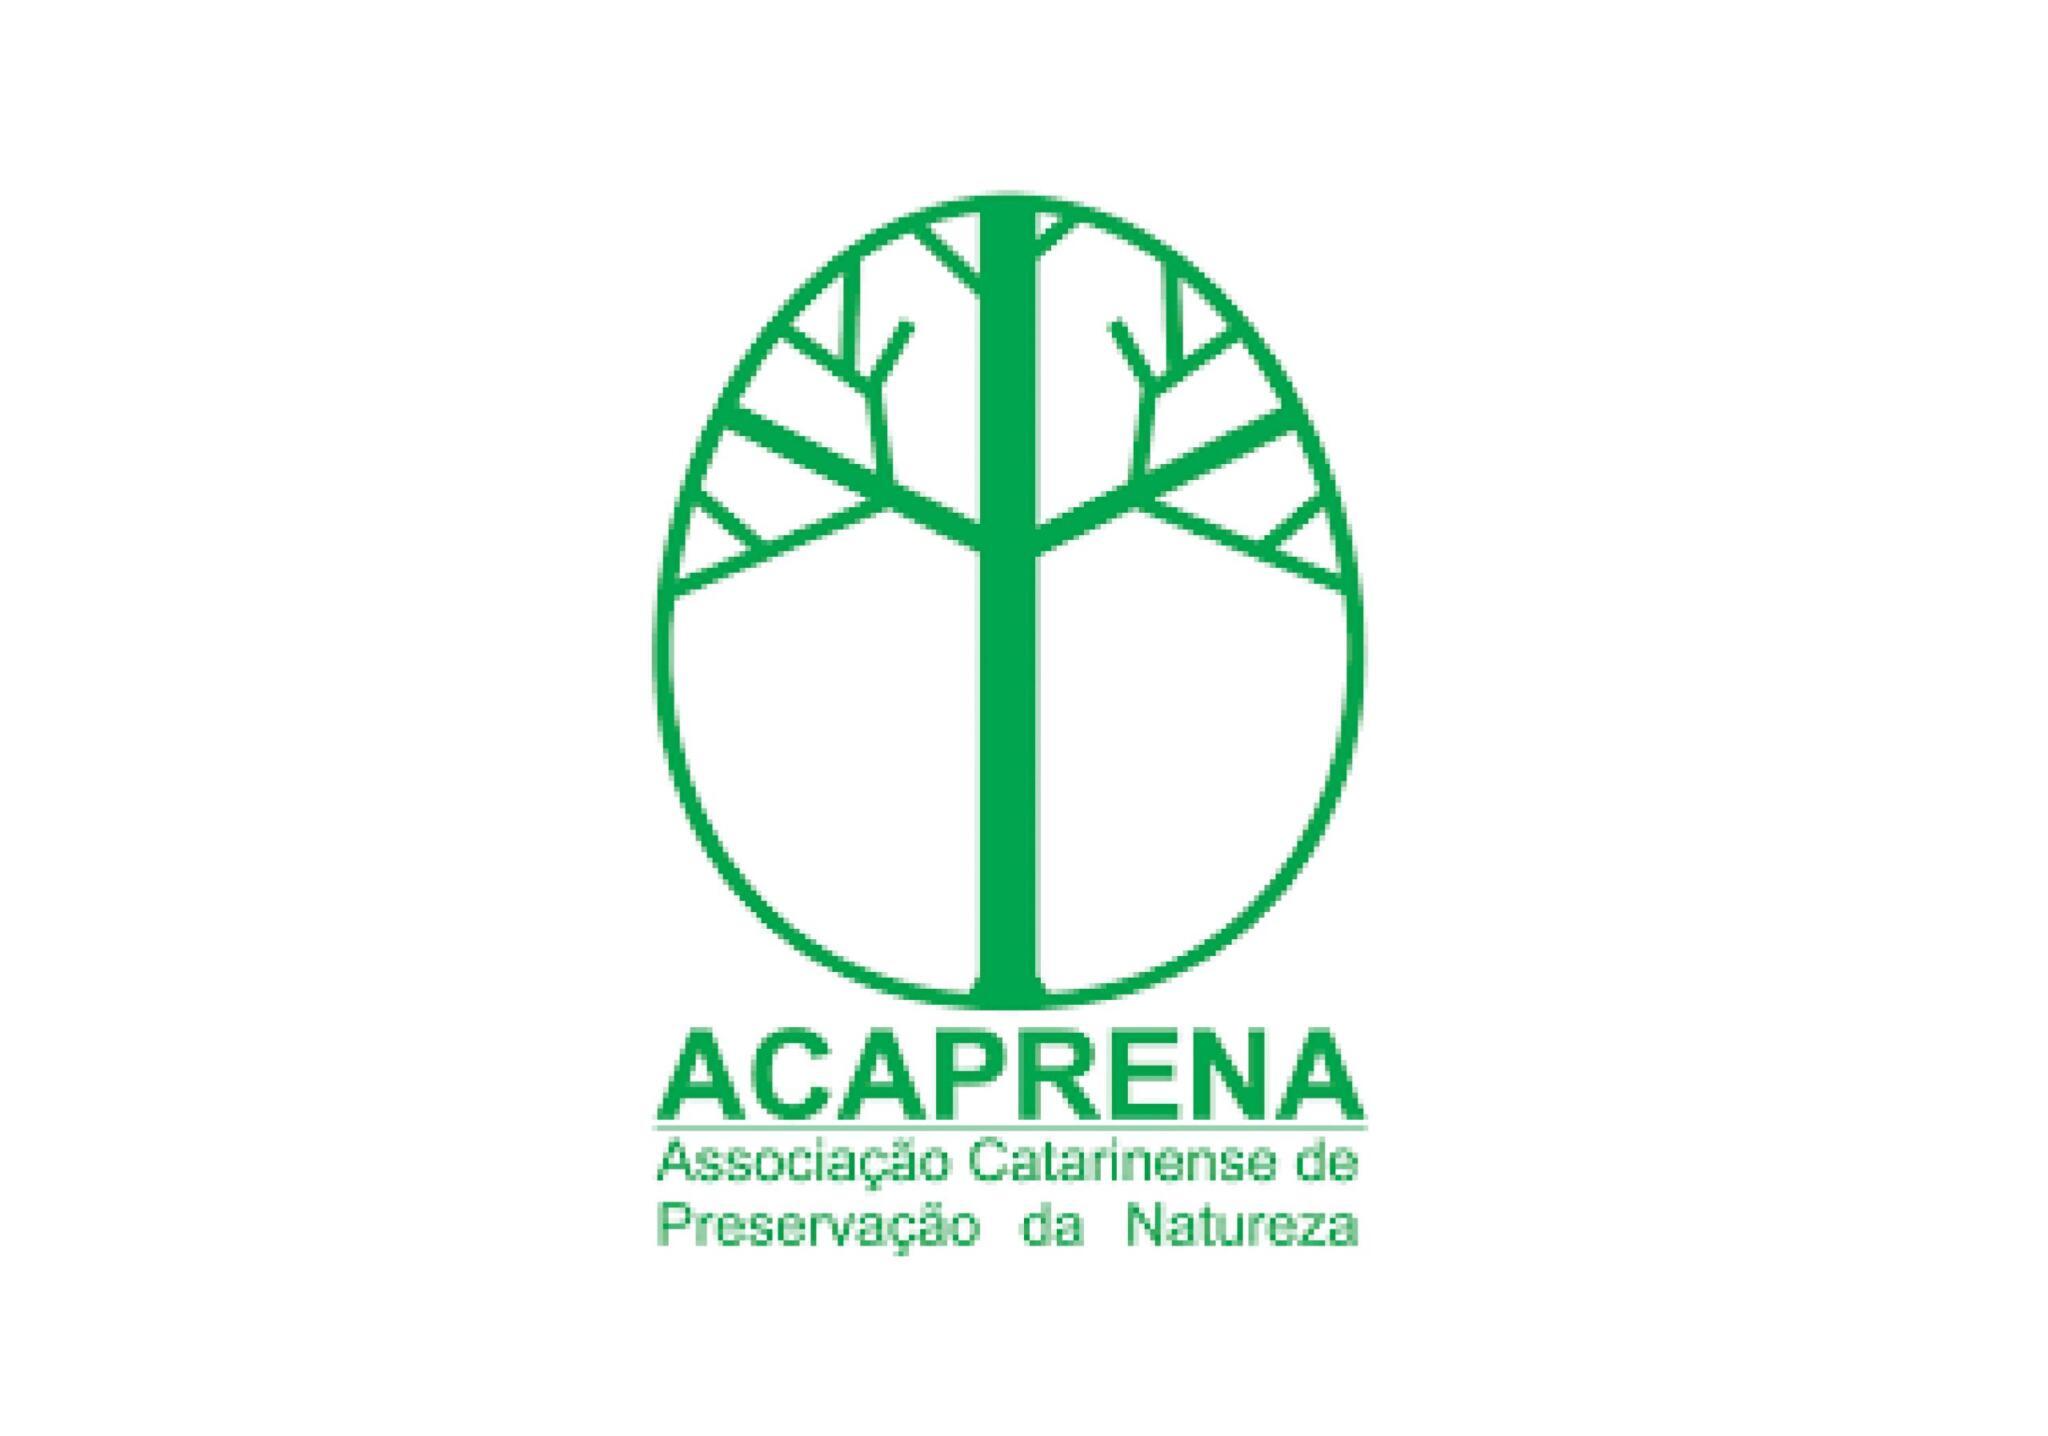 Logo Acaprena